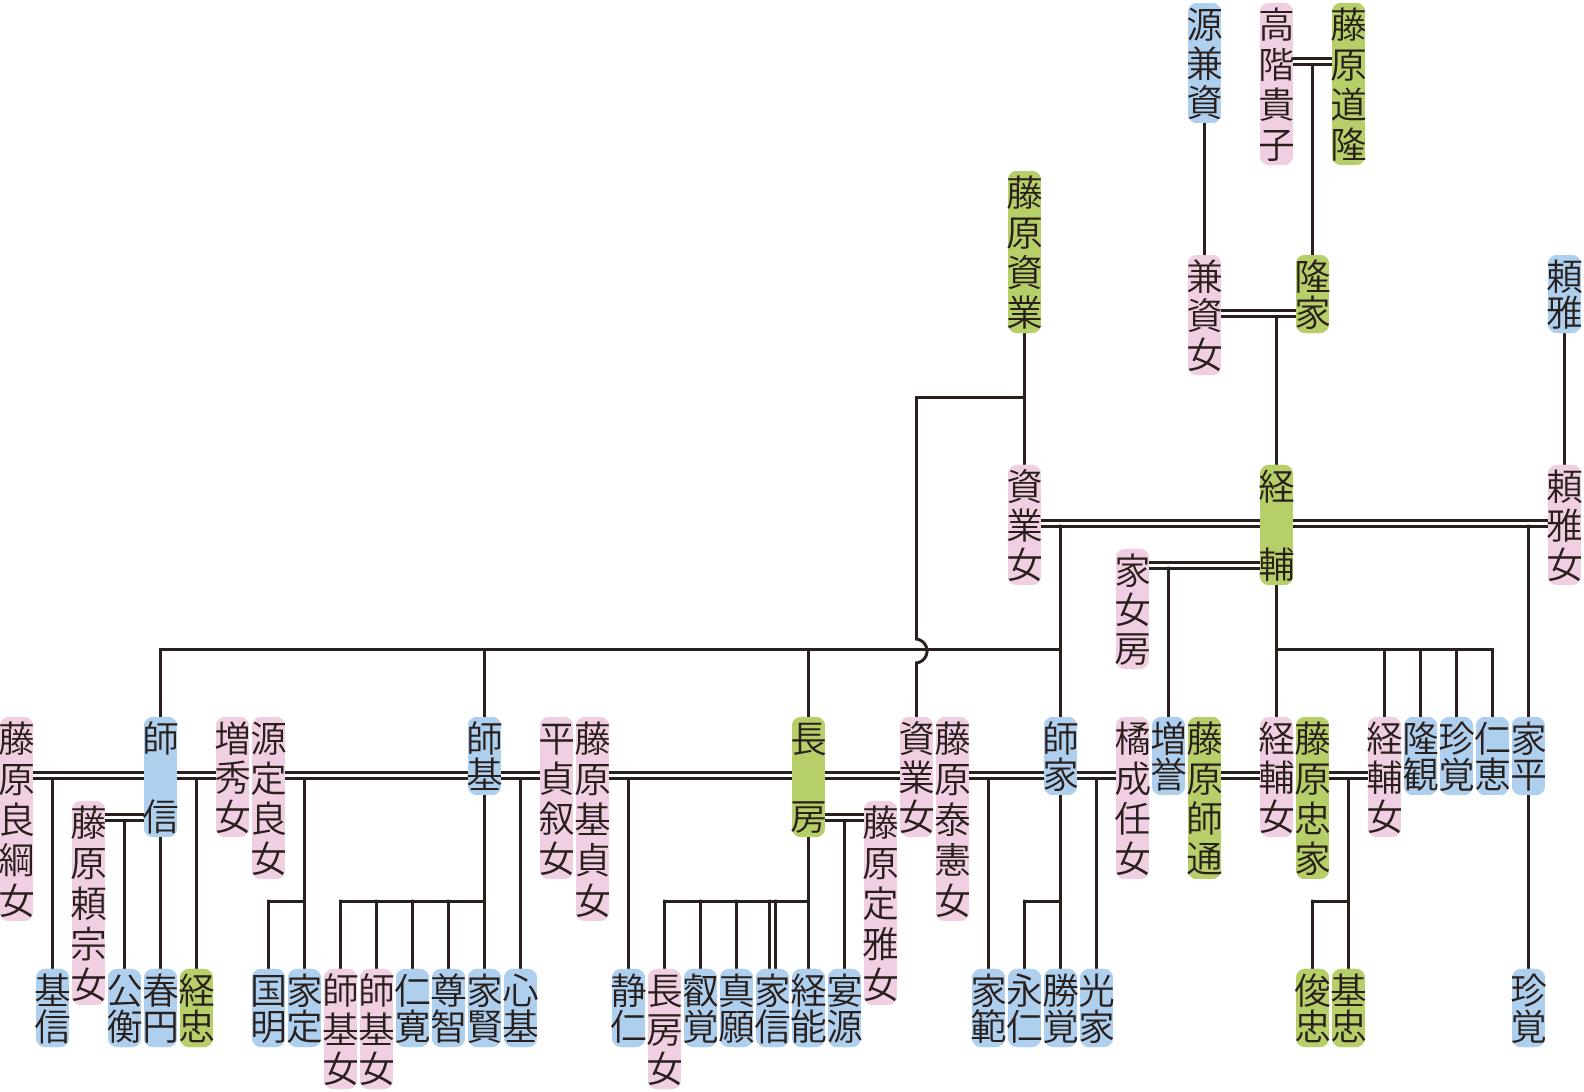 藤原経輔の系図